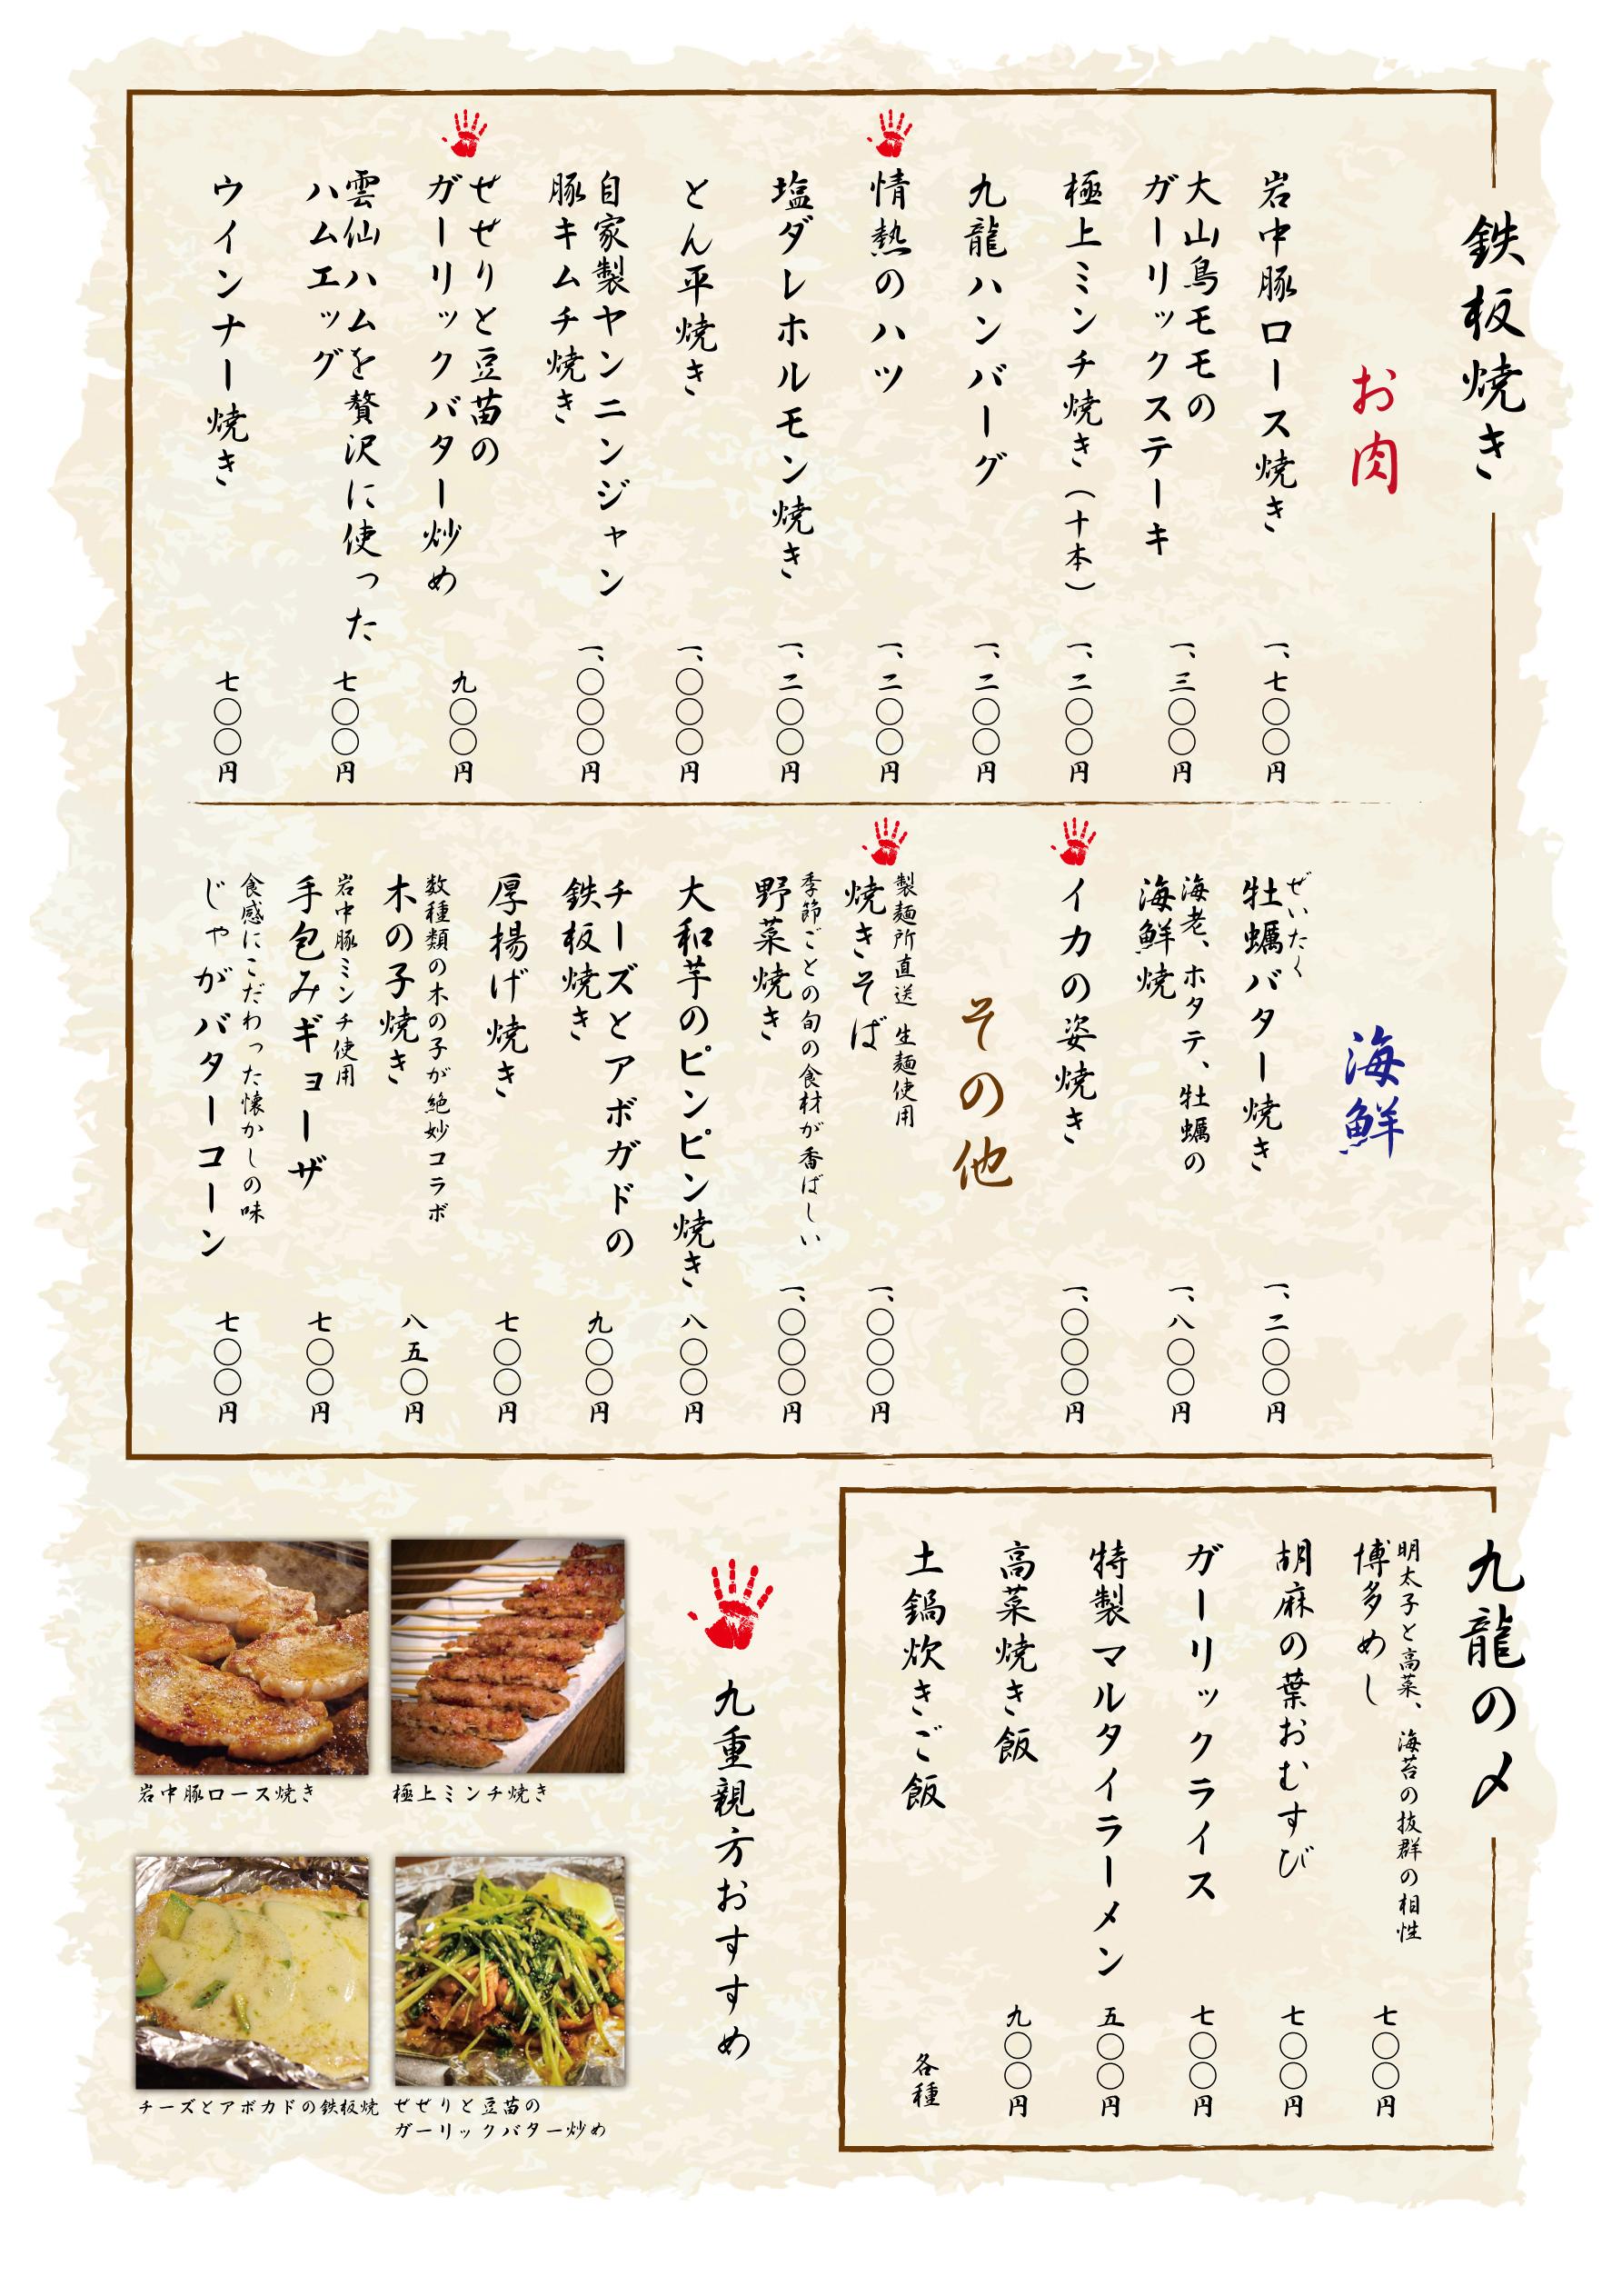 九龍 グランドメニュー2